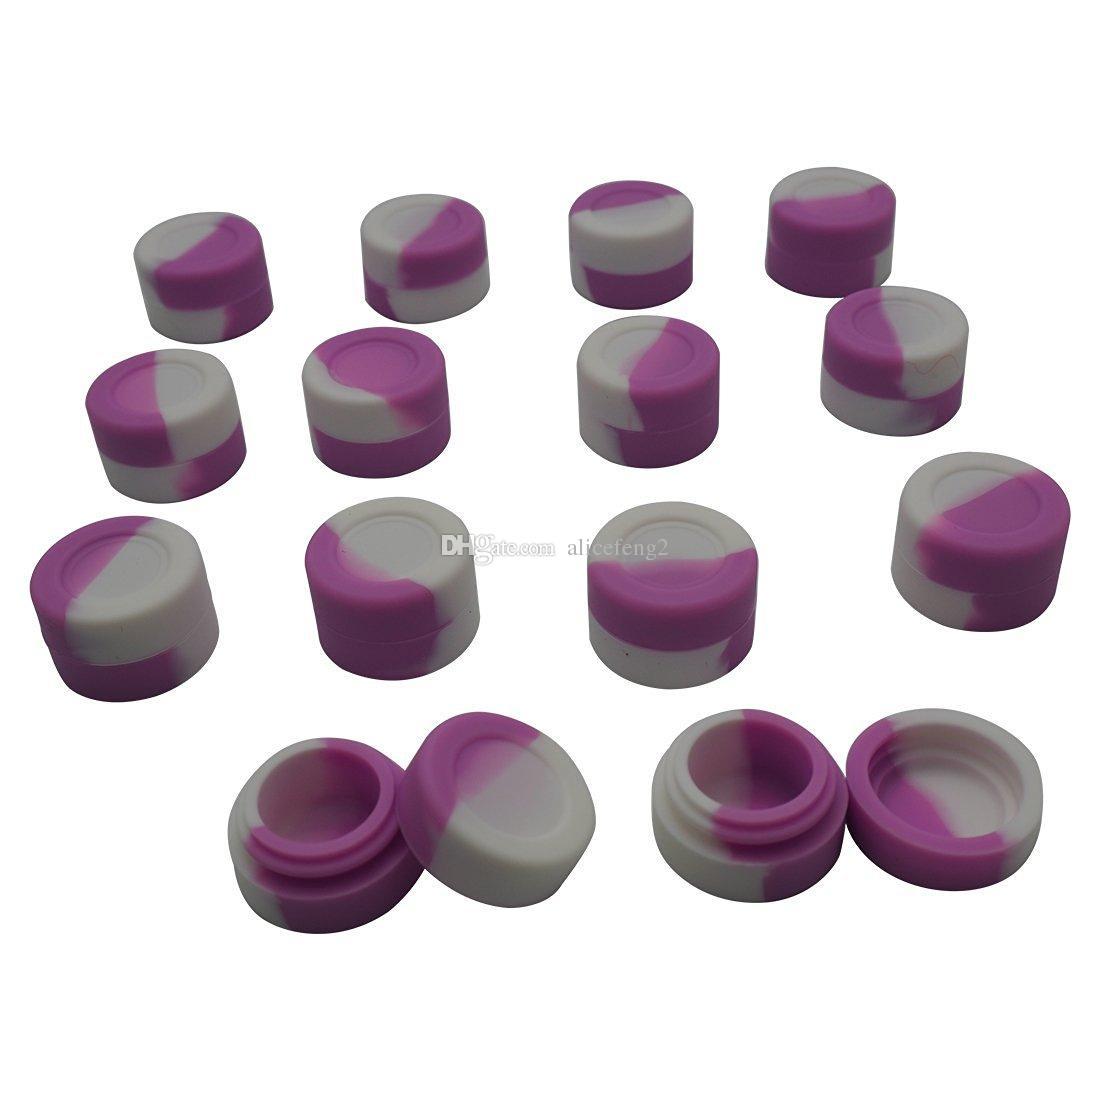 Armazenamento de silicone FDALFGB para vaporizador vape Preço de atacado O promocional FDA aprovado recipiente de borracha de silicone não-stick personalizado